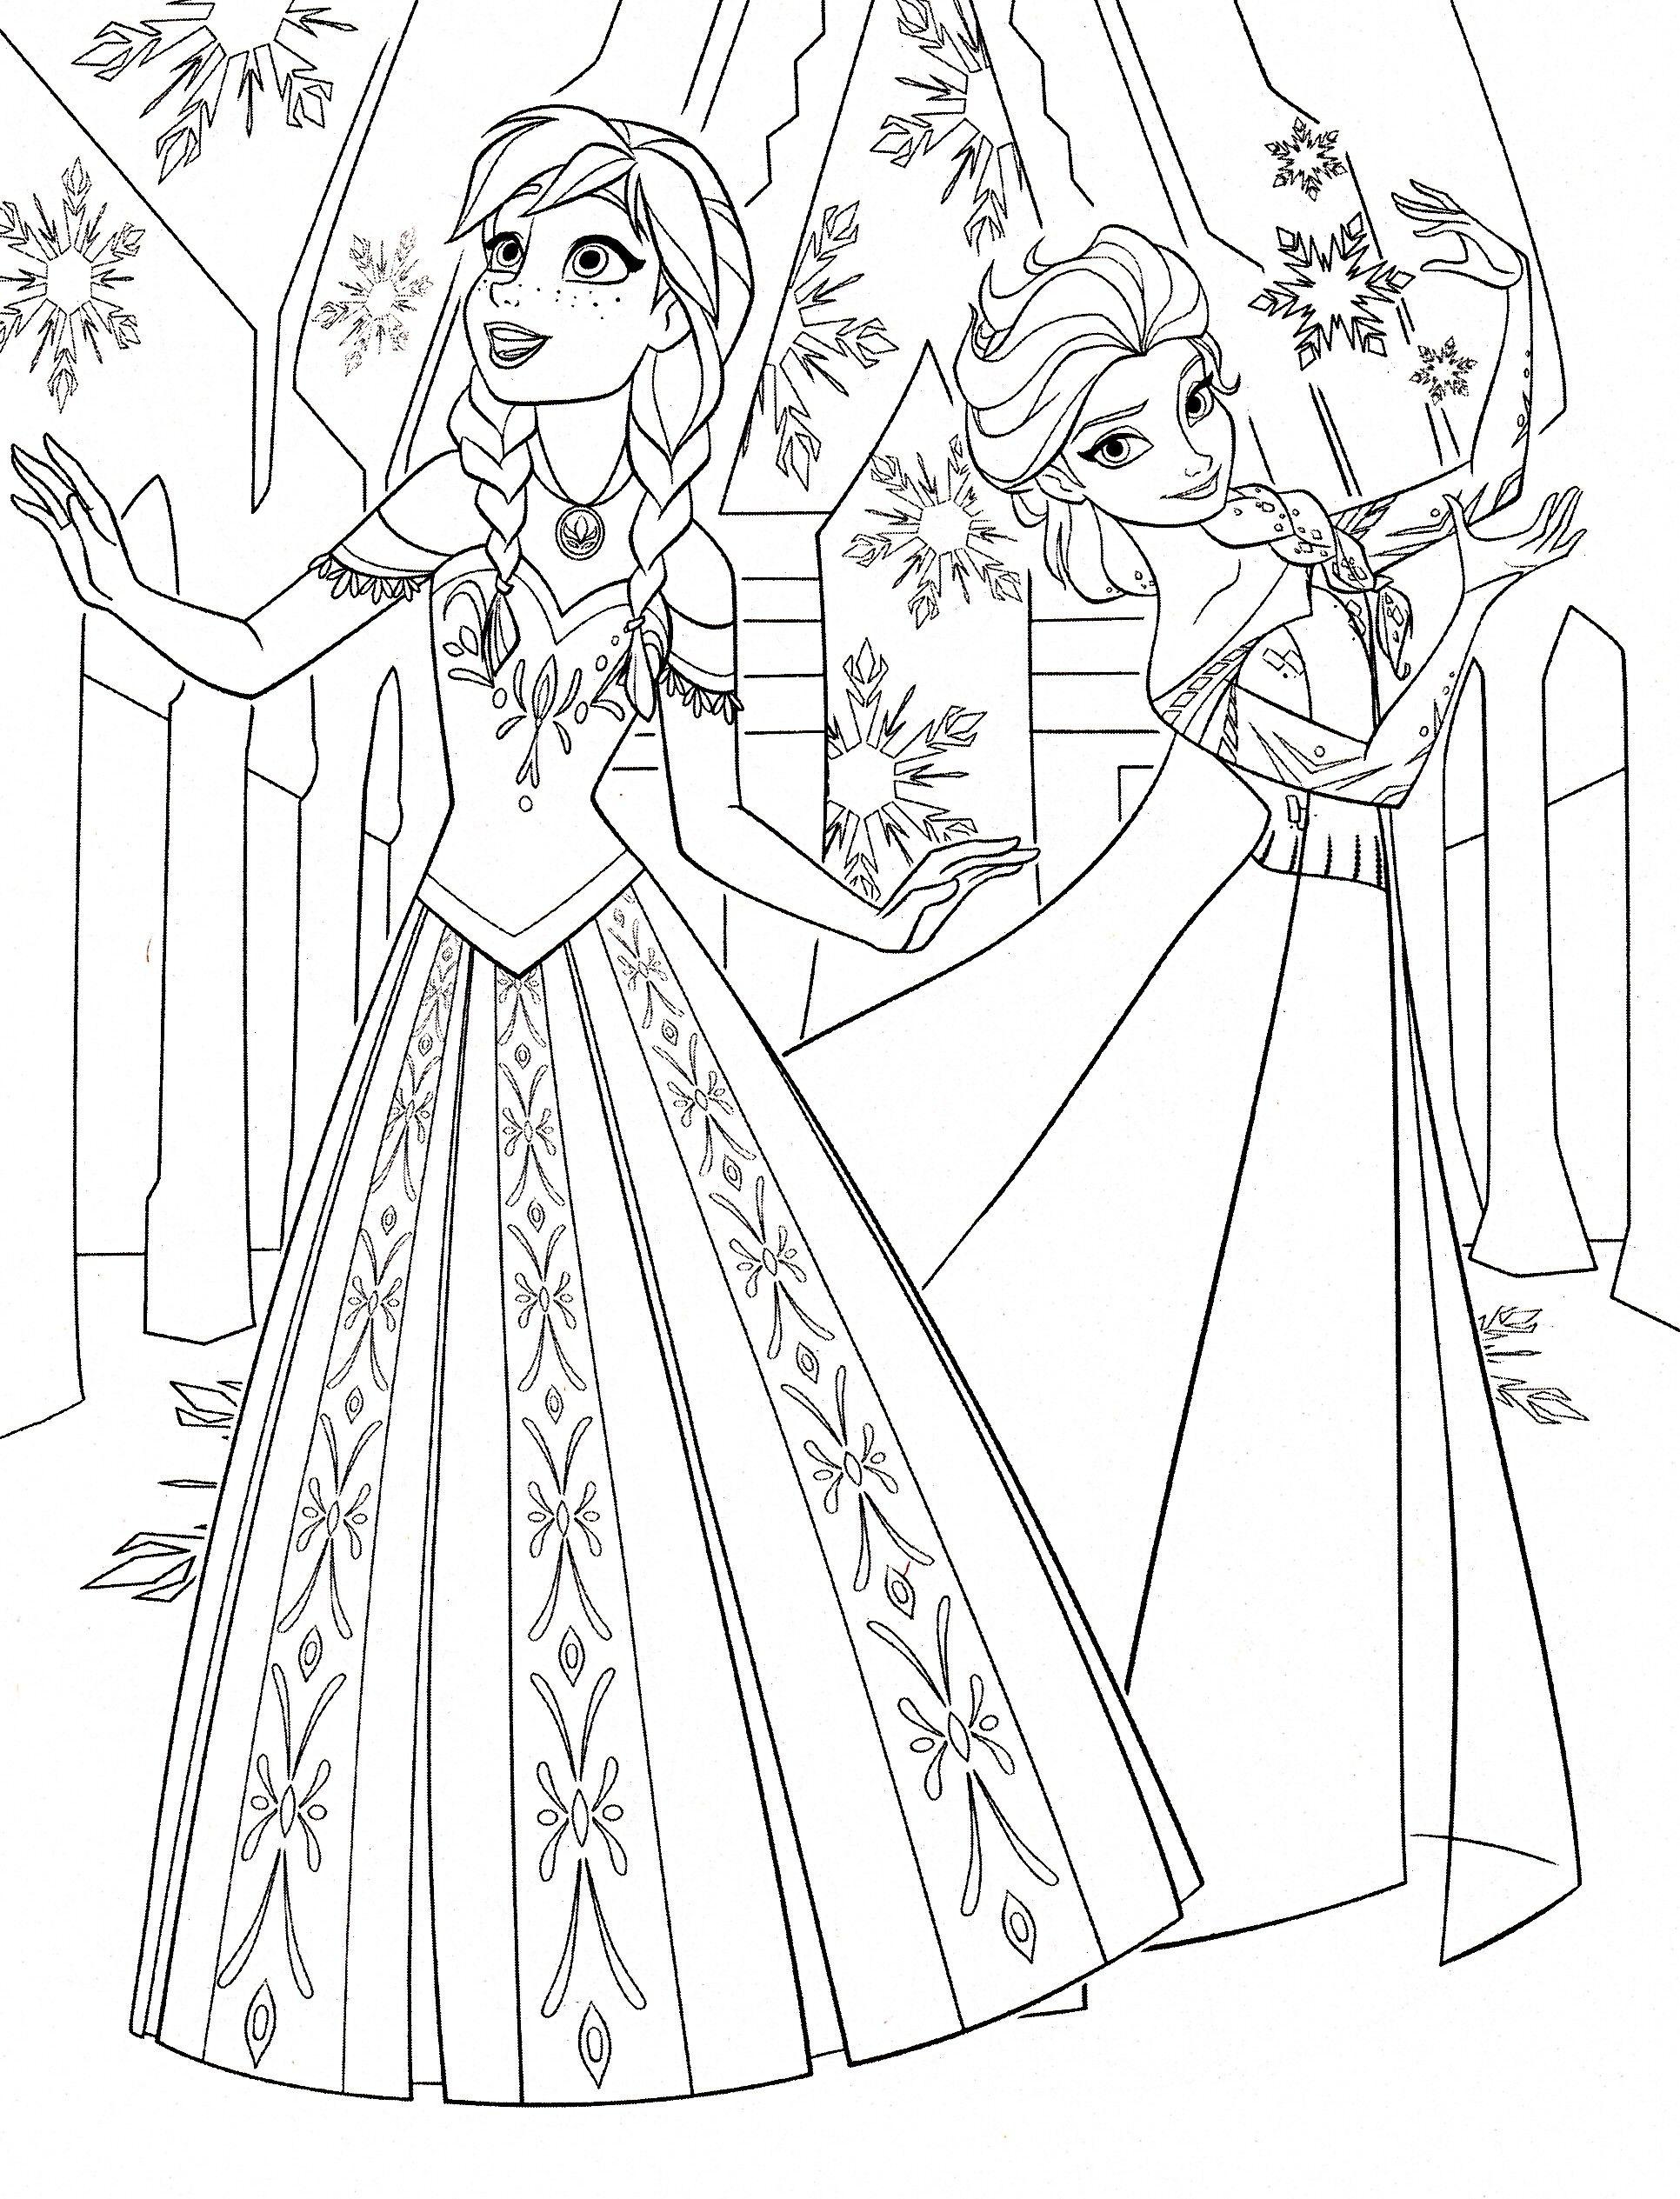 Tranh Tô Màu Elsa Và Anna 18